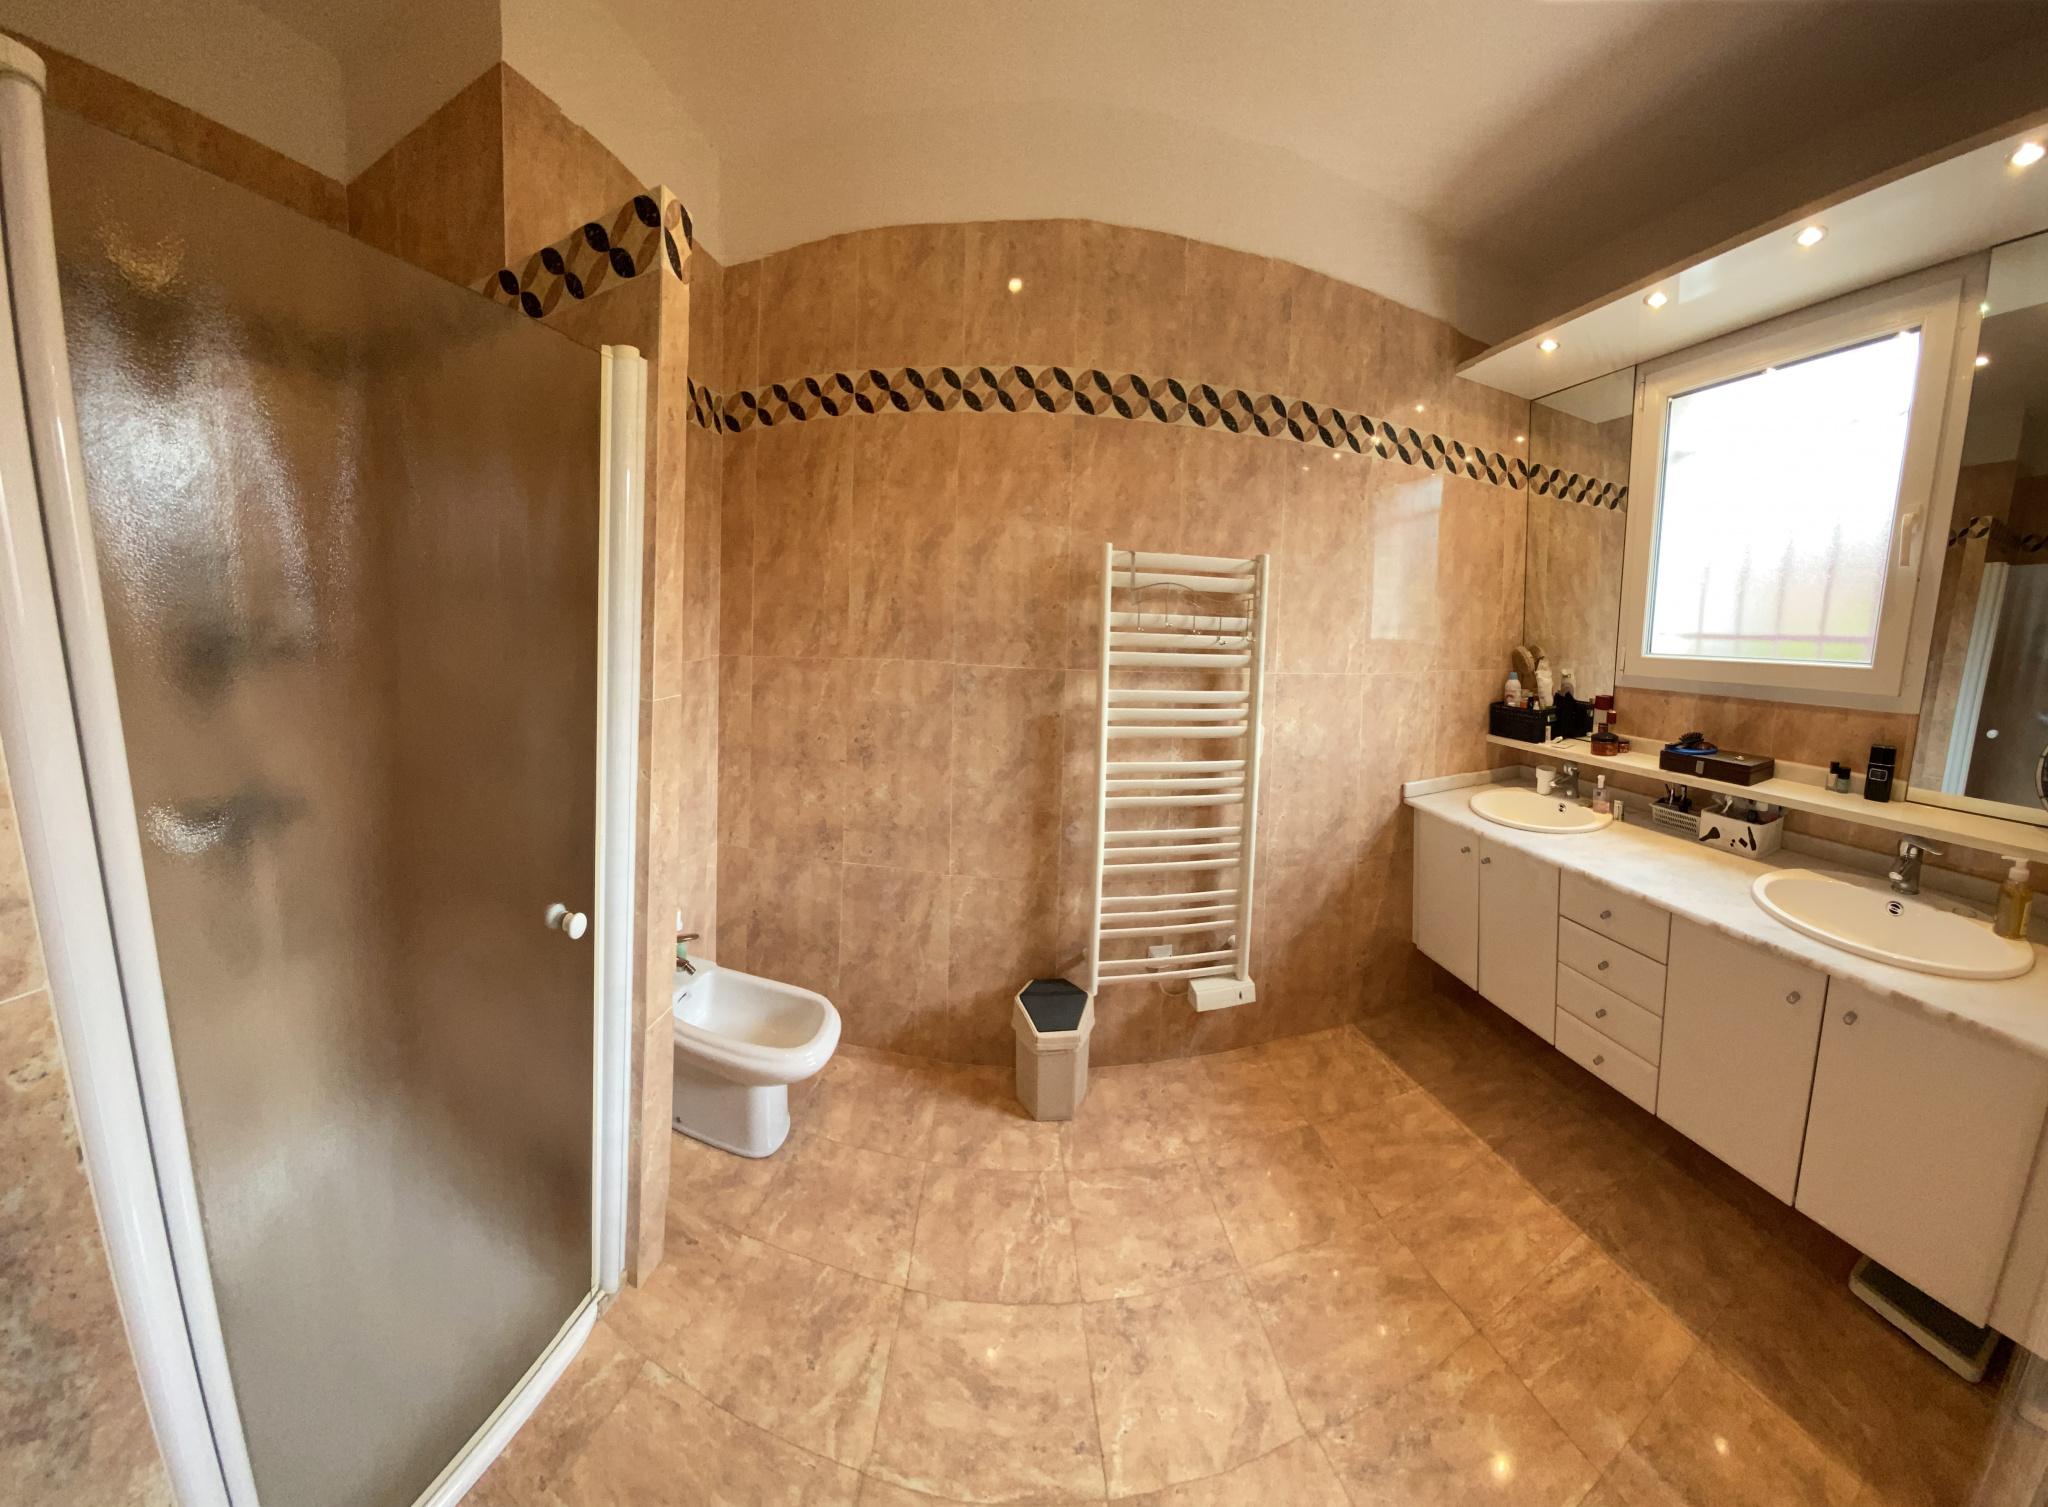 À vendre maison/villa de 124m2 à argeles sur mer (66700) - Photo 15'